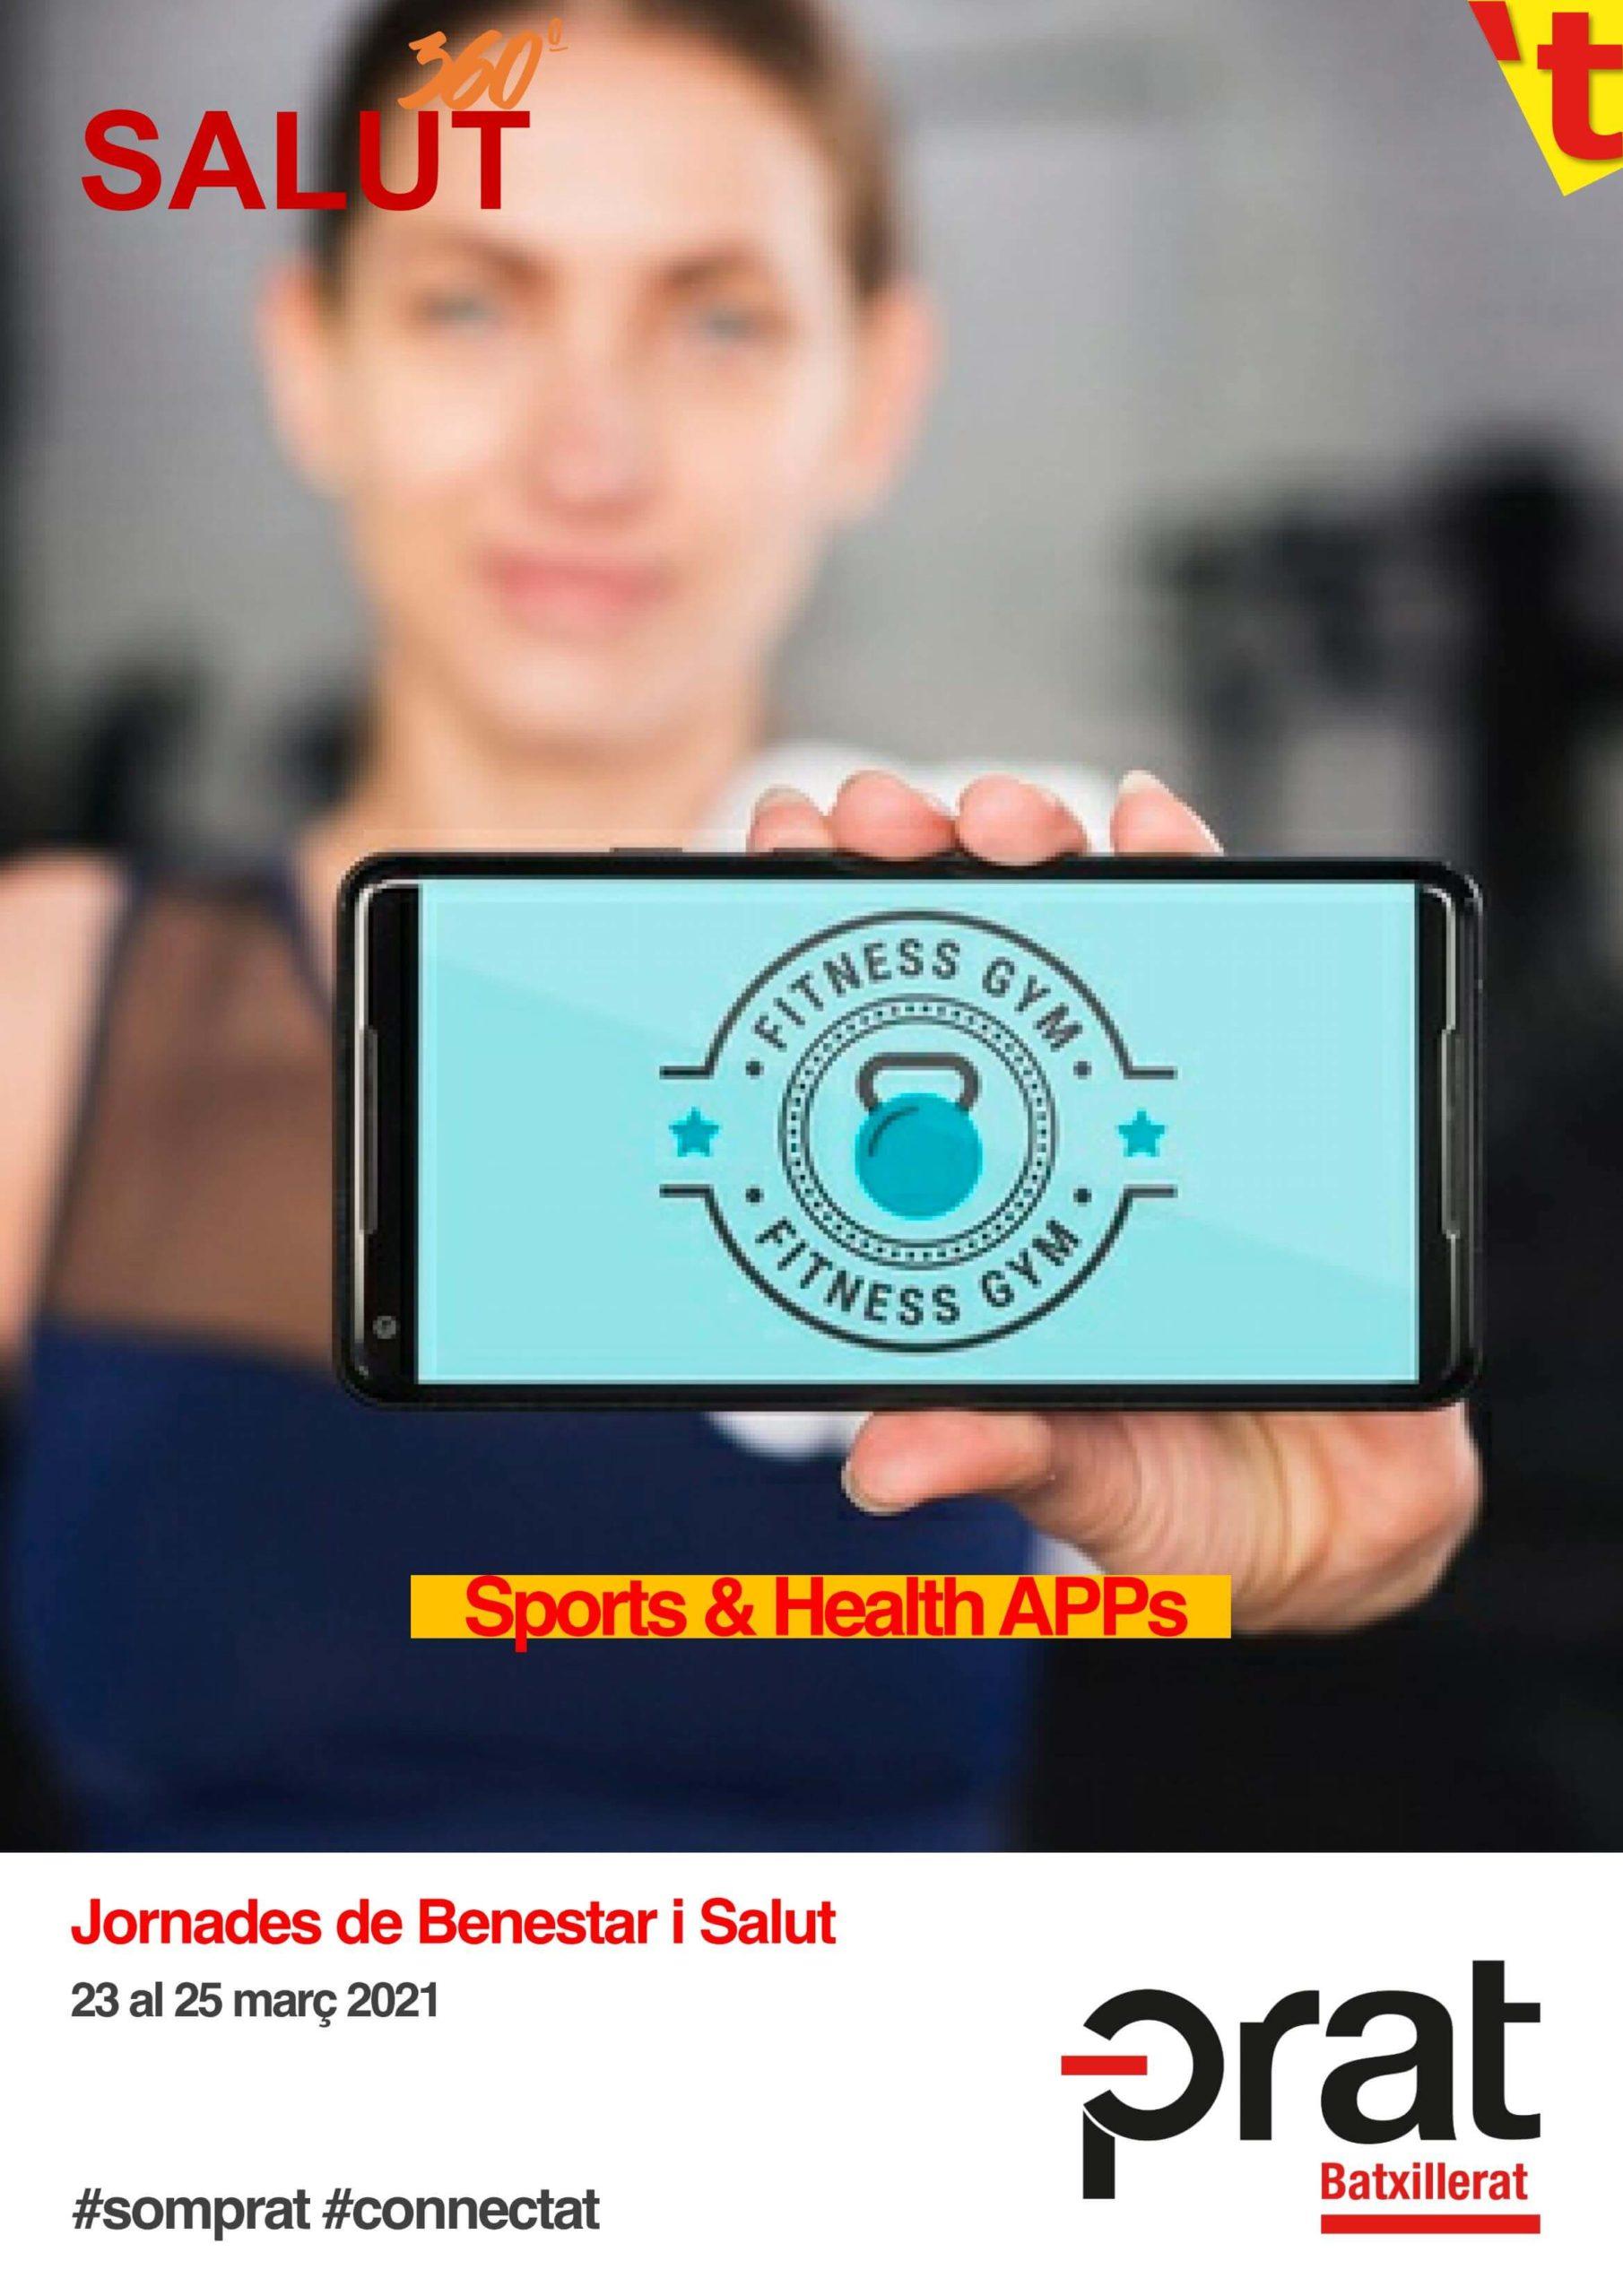 Jornades de Benestar i Salut: sports & health apps - Batxillerat a Prat Educació